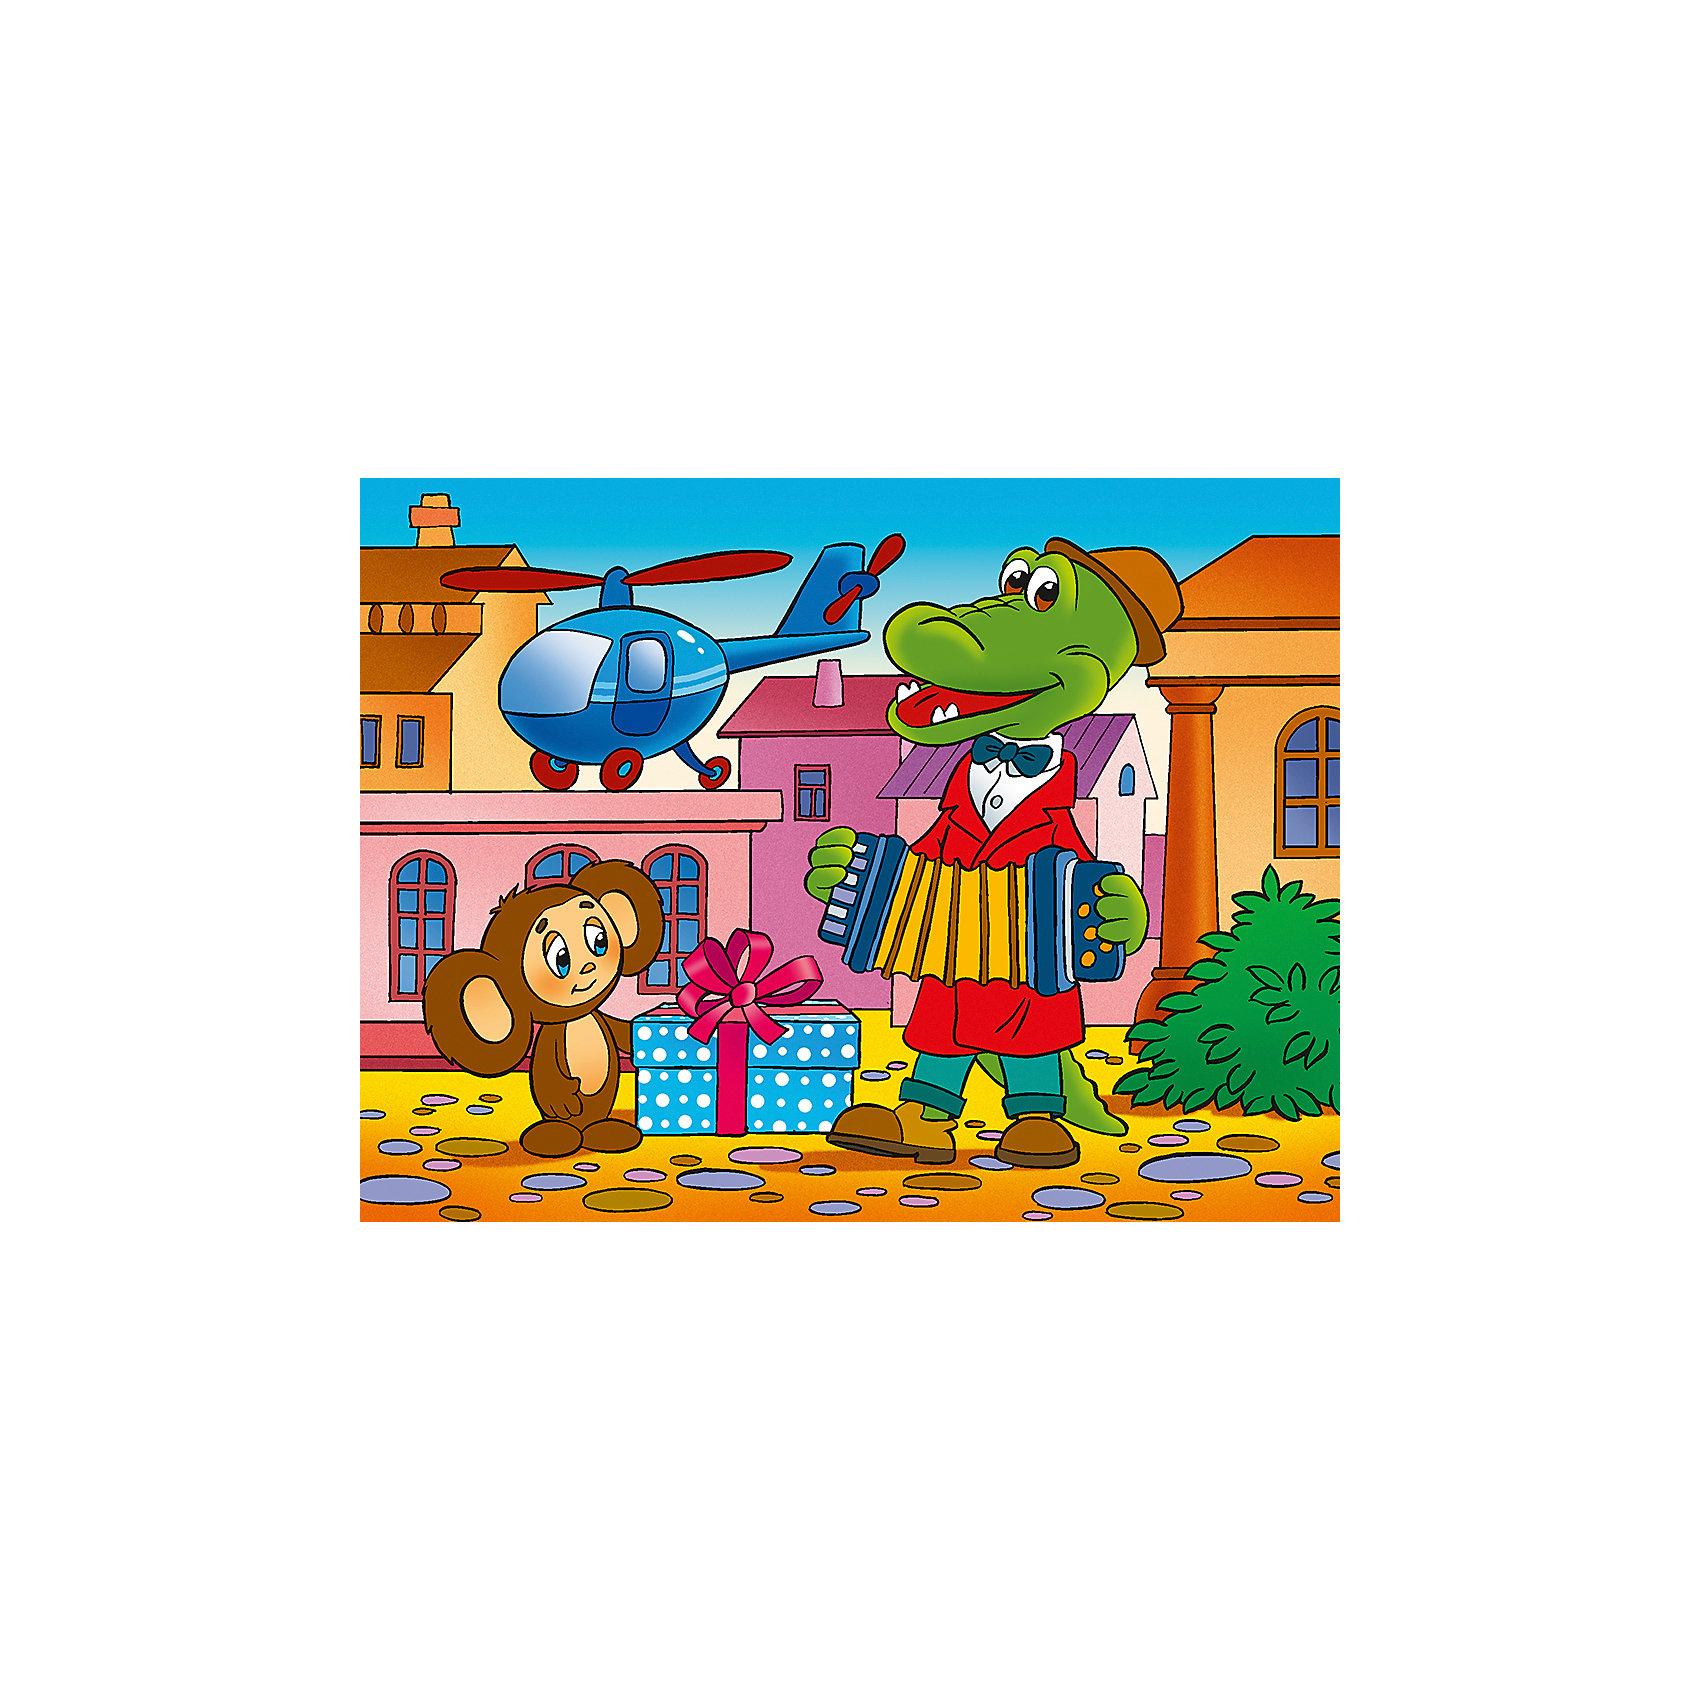 Кубики Чебурашка, 12шт, Step puzzleКубики Чебурашка, 12шт, Step puzzle (Степ пазл) – прекрасный комплект для развлечения, приятного времяпрепровождения с пользой для малыша.<br>Наборы из 12 кубиков – для тех, кто освоил навык сборки картинки из 9 кубиков. Заложенный дидактический принцип «от простого к сложному» позволит ребёнку поверить в свои силы. А герои популярного мультфильма сделают кубики любимой игрушкой. Кубики – это увлекательная игра и полезное занятие, развивающее логику, мелкую моторику, внимание и мышление малыша. Кроме того, занятия с кубиками помогают малышу усвоить такие важные понятия как часть и целое.<br><br>Дополнительная информация:<br><br>- В наборе: 12 кубиков<br>- Сторона кубика: 4 см.<br>- Размер готовой картинки: 12х16 см.<br>- Упаковка: картонная коробка<br>- Размер упаковки: 16х12х4 см.<br>- Вес: 300 гр.<br><br>Кубики Чебурашка, 12шт, Step puzzle (Степ пазл) можно купить в нашем интернет-магазине.<br><br>Ширина мм: 12<br>Глубина мм: 4<br>Высота мм: 16<br>Вес г: 300<br>Возраст от месяцев: 36<br>Возраст до месяцев: 60<br>Пол: Унисекс<br>Возраст: Детский<br>SKU: 4048186